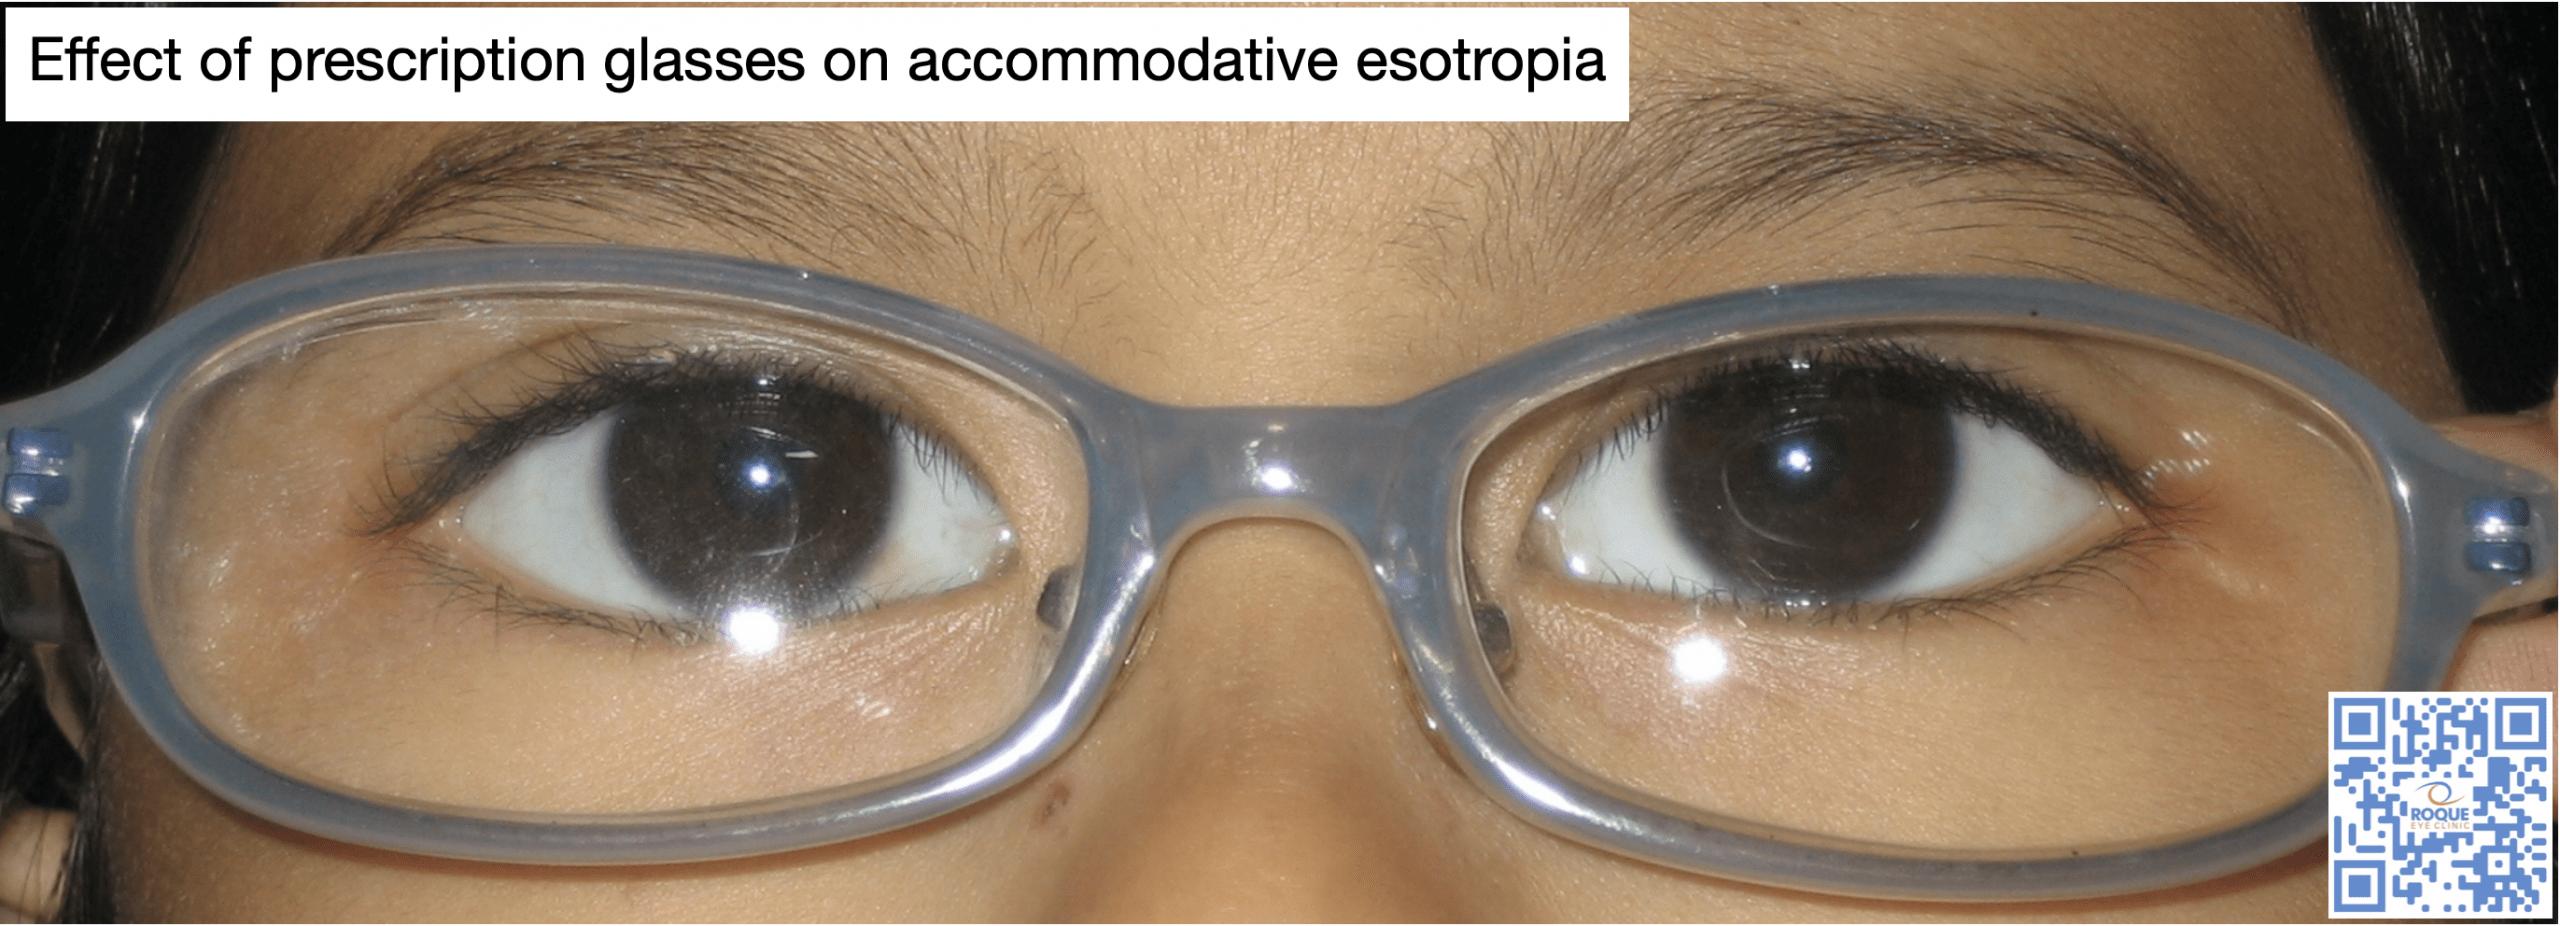 Effect of prescription glasses on accommodative esotropia